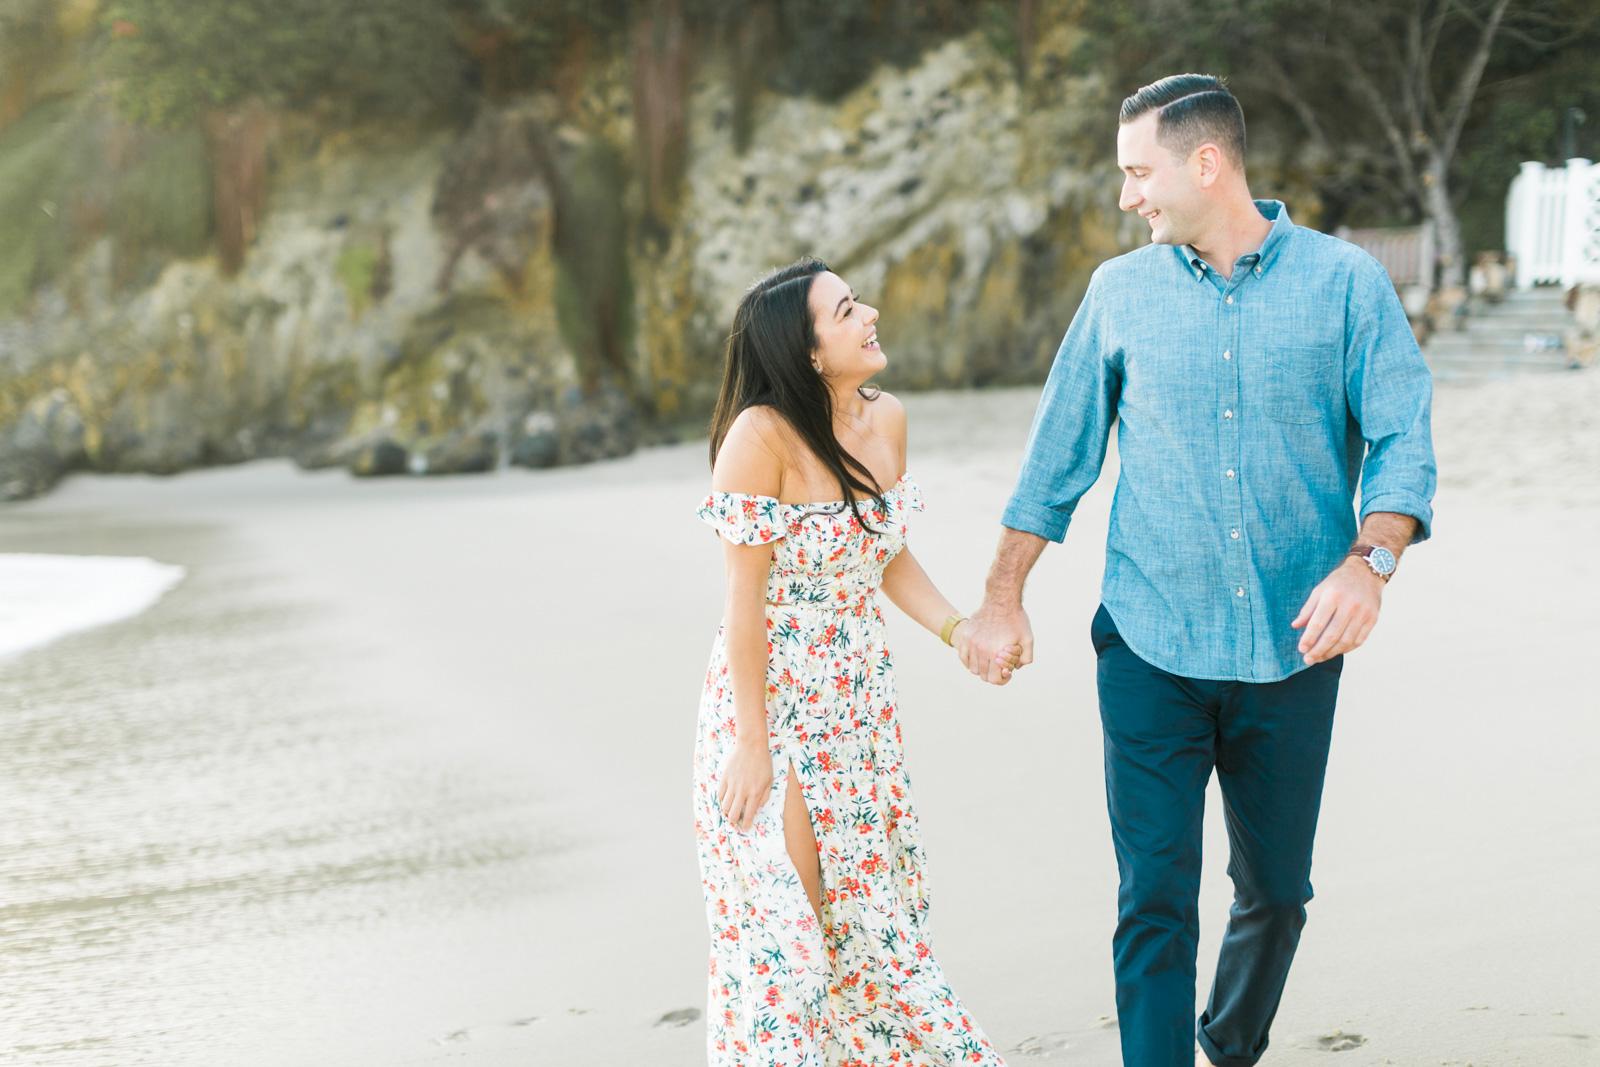 Pelican-Hill-Laguna-Beach-Wedding-Photographer-Natalie-Schutt-Photography_16.jpg